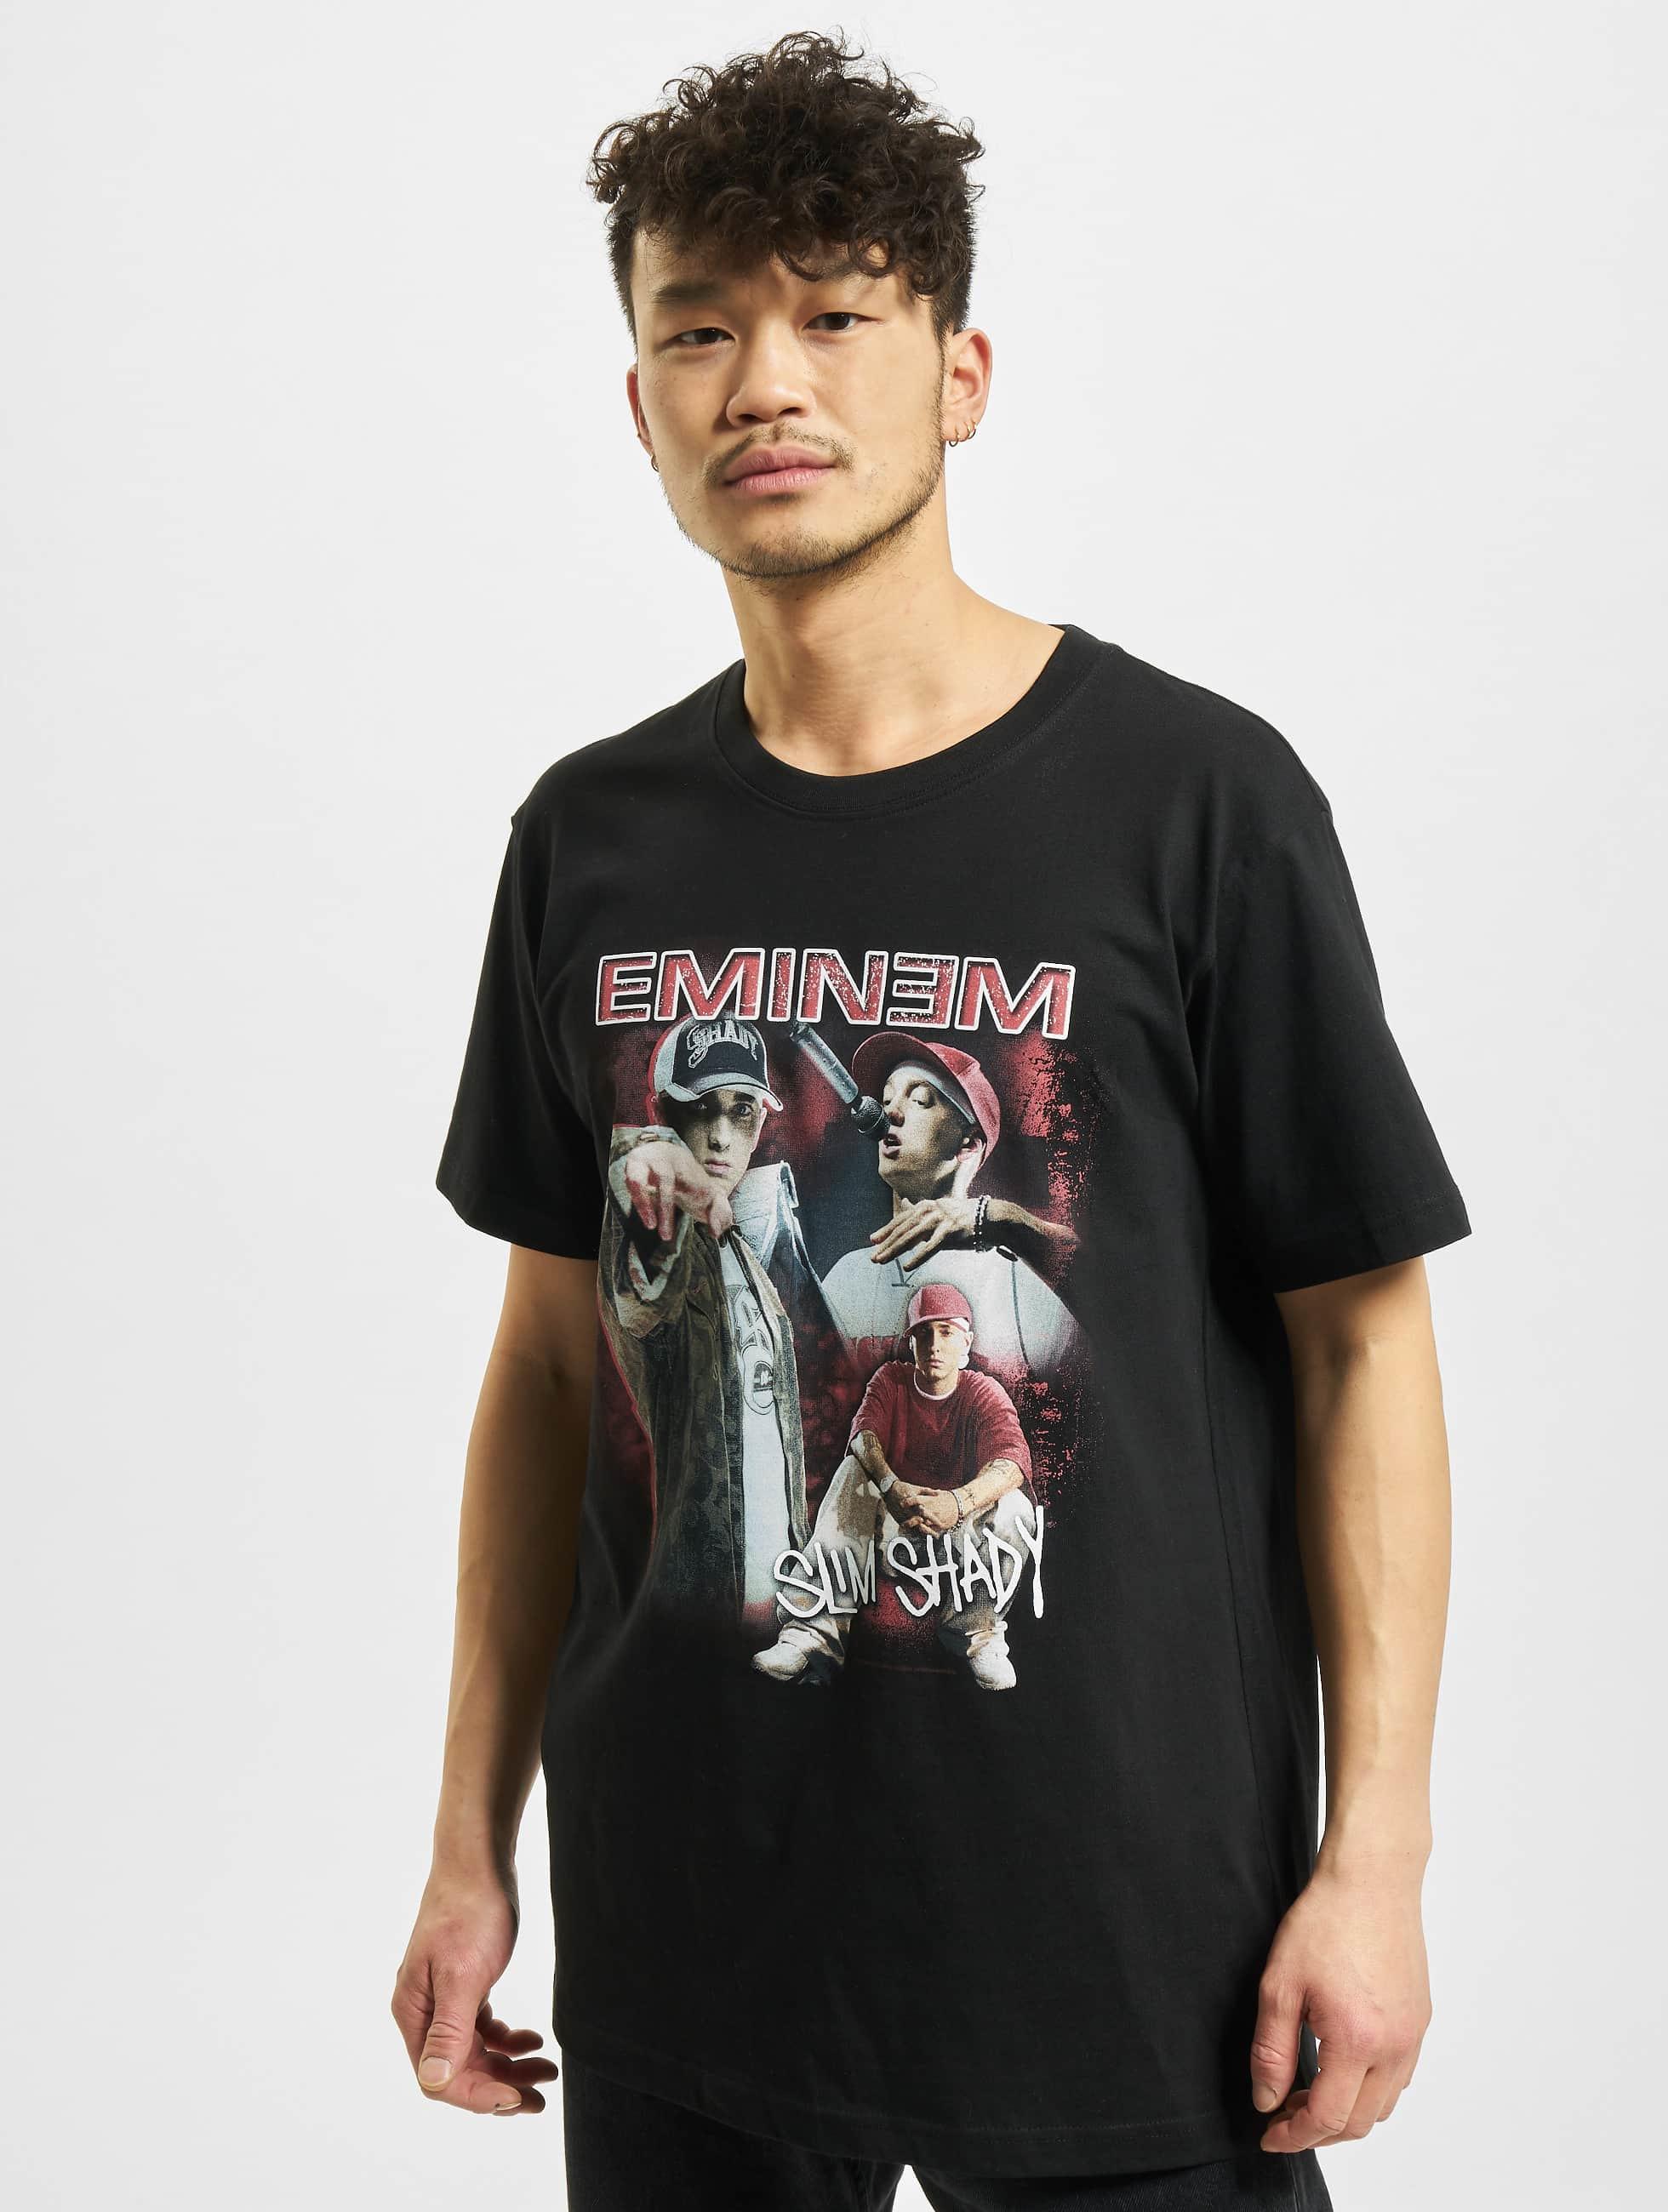 Mister Tee t-shirt Eminem Slim Shady zwart